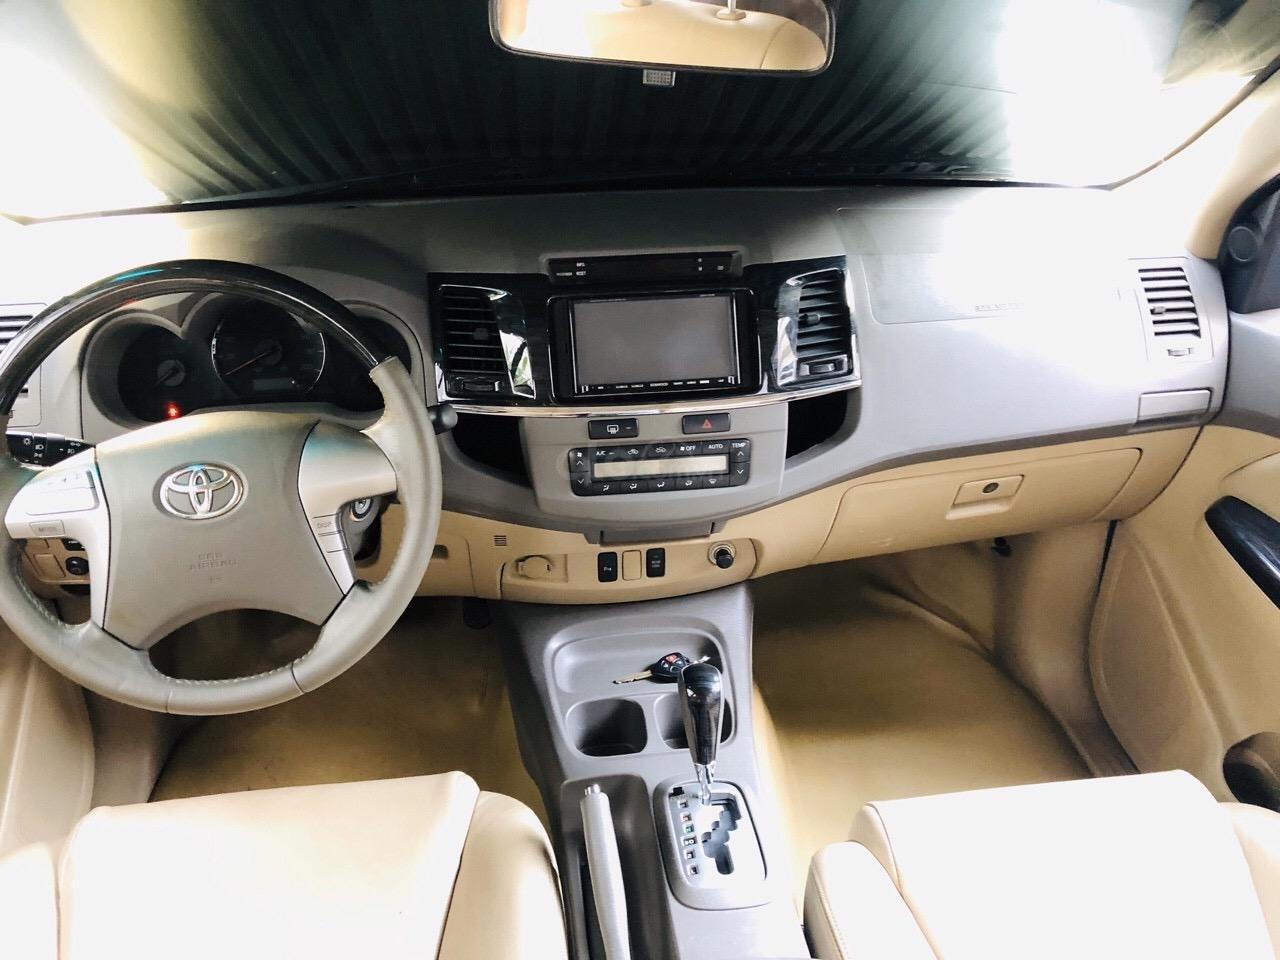 Bán Fortuner 2.7V số tự động sx 2013, xe đẹp đi 59.000km, Full option bao kiểm tra tại hãng (5)